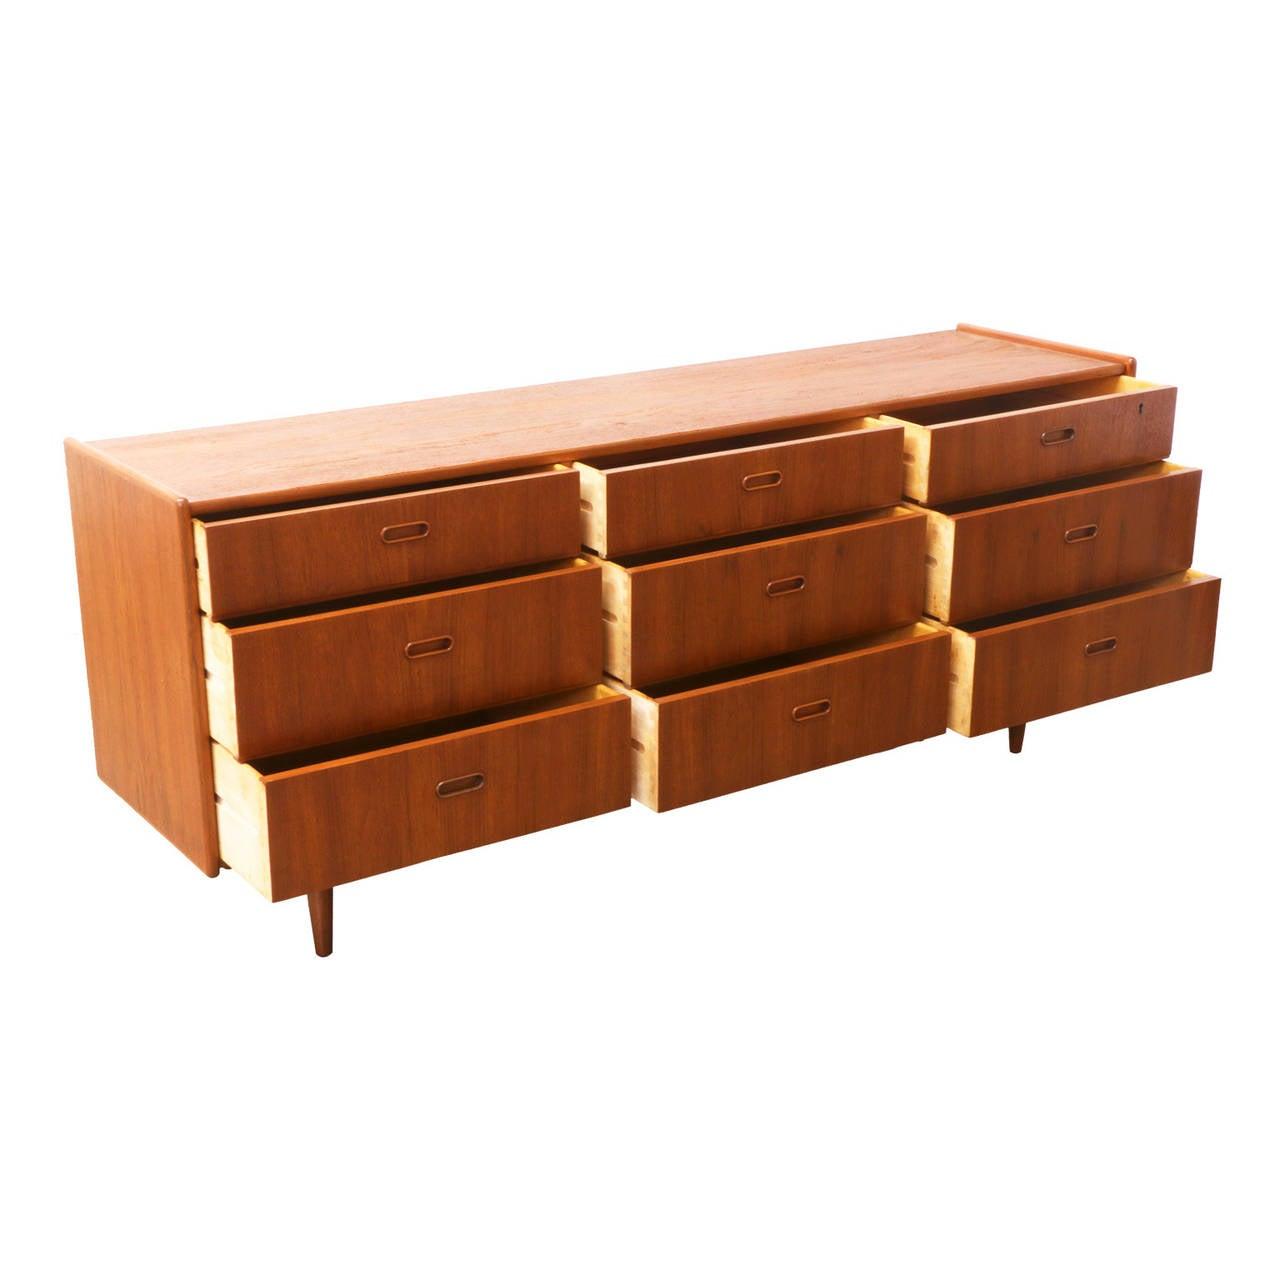 Danish modern teak dresser at 1stdibs for Danish teak bedroom furniture